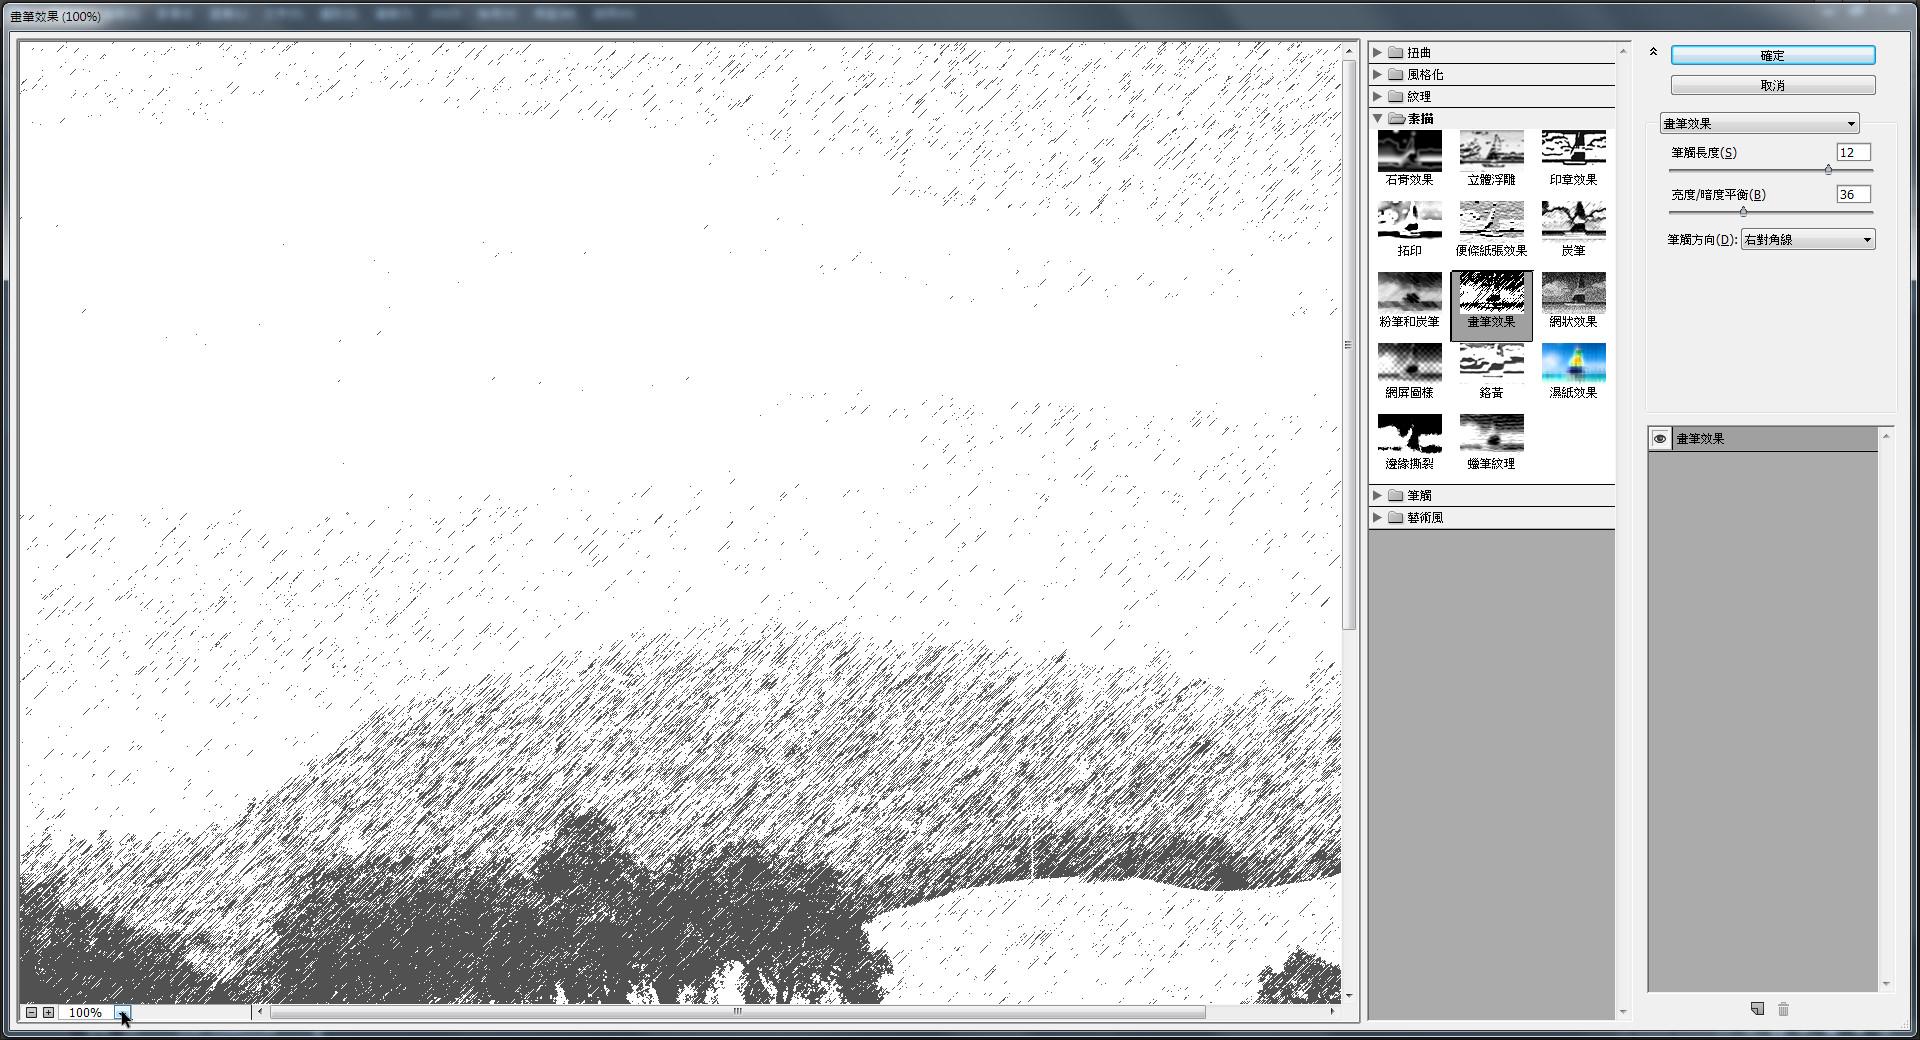 4. 接著會出現一個視窗,在此可選擇想要套用的濾鏡效果